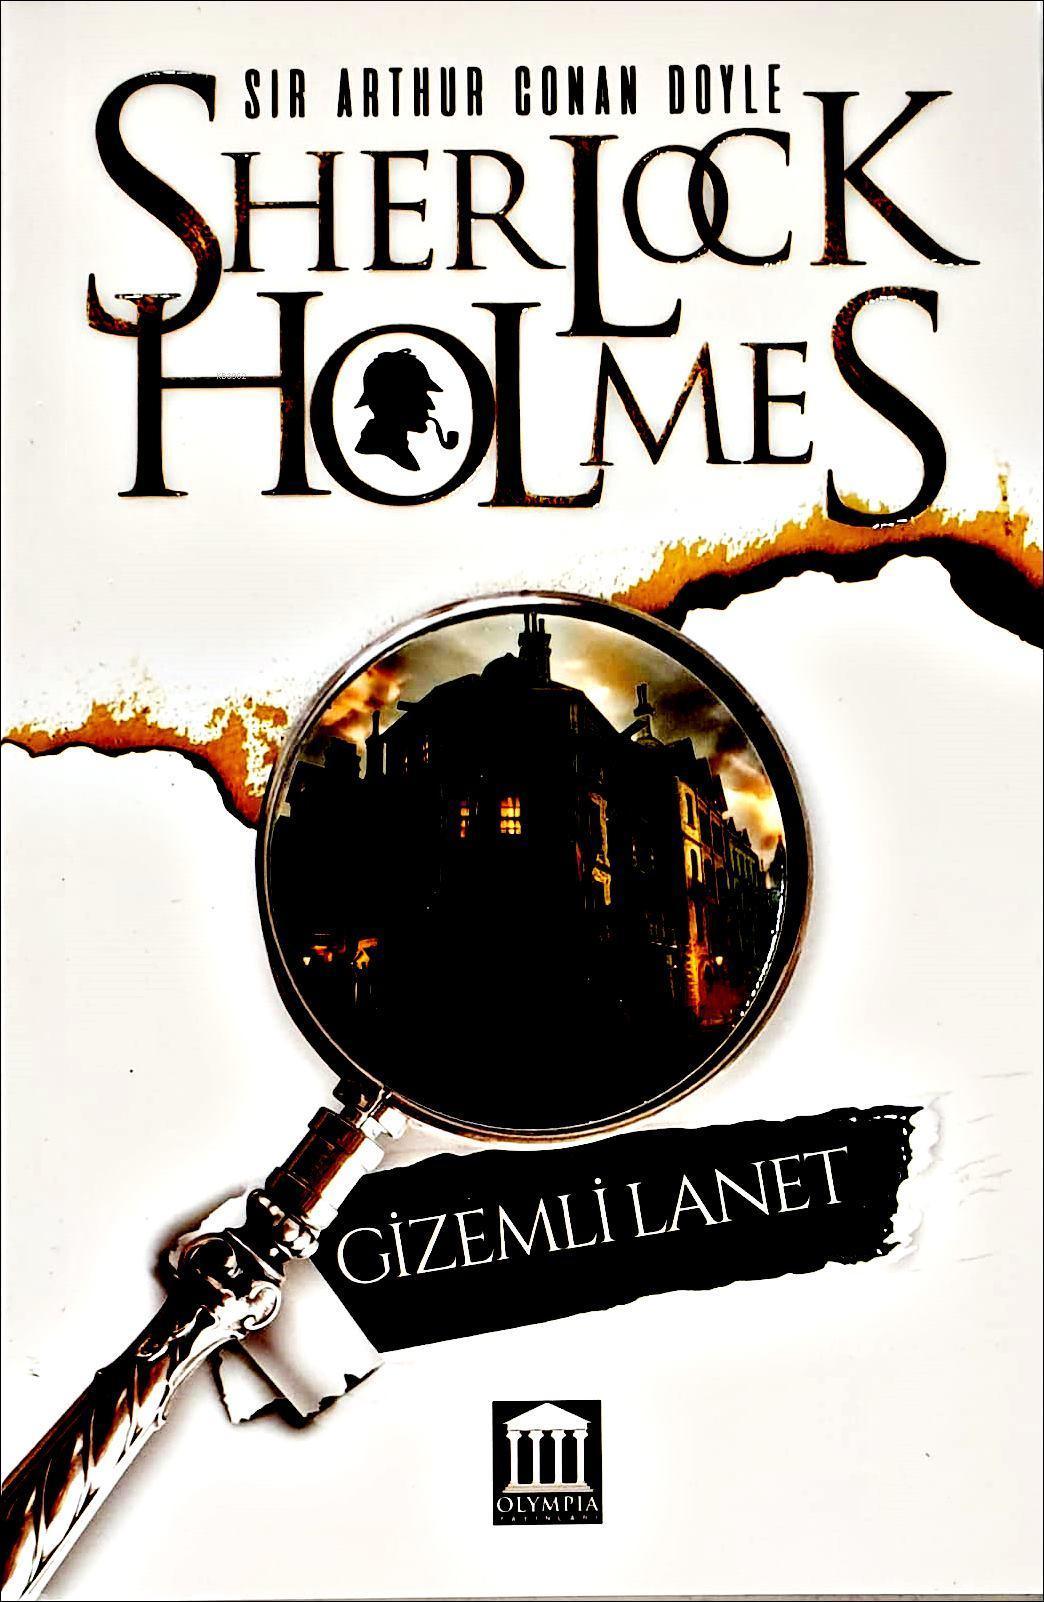 Sherlock Holmes Gizemli Lanet